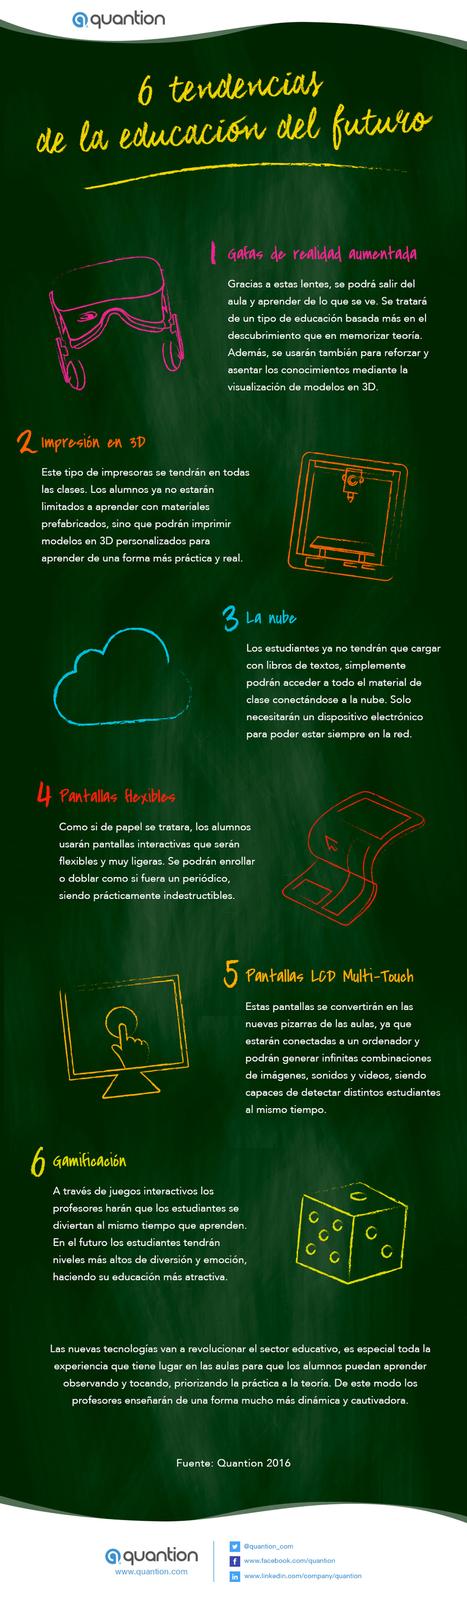 6 tendencias de la educación del futuro | INVESTIGANDO...CREANDO UN BUEN BAÚL DE RECURSOS | Scoop.it